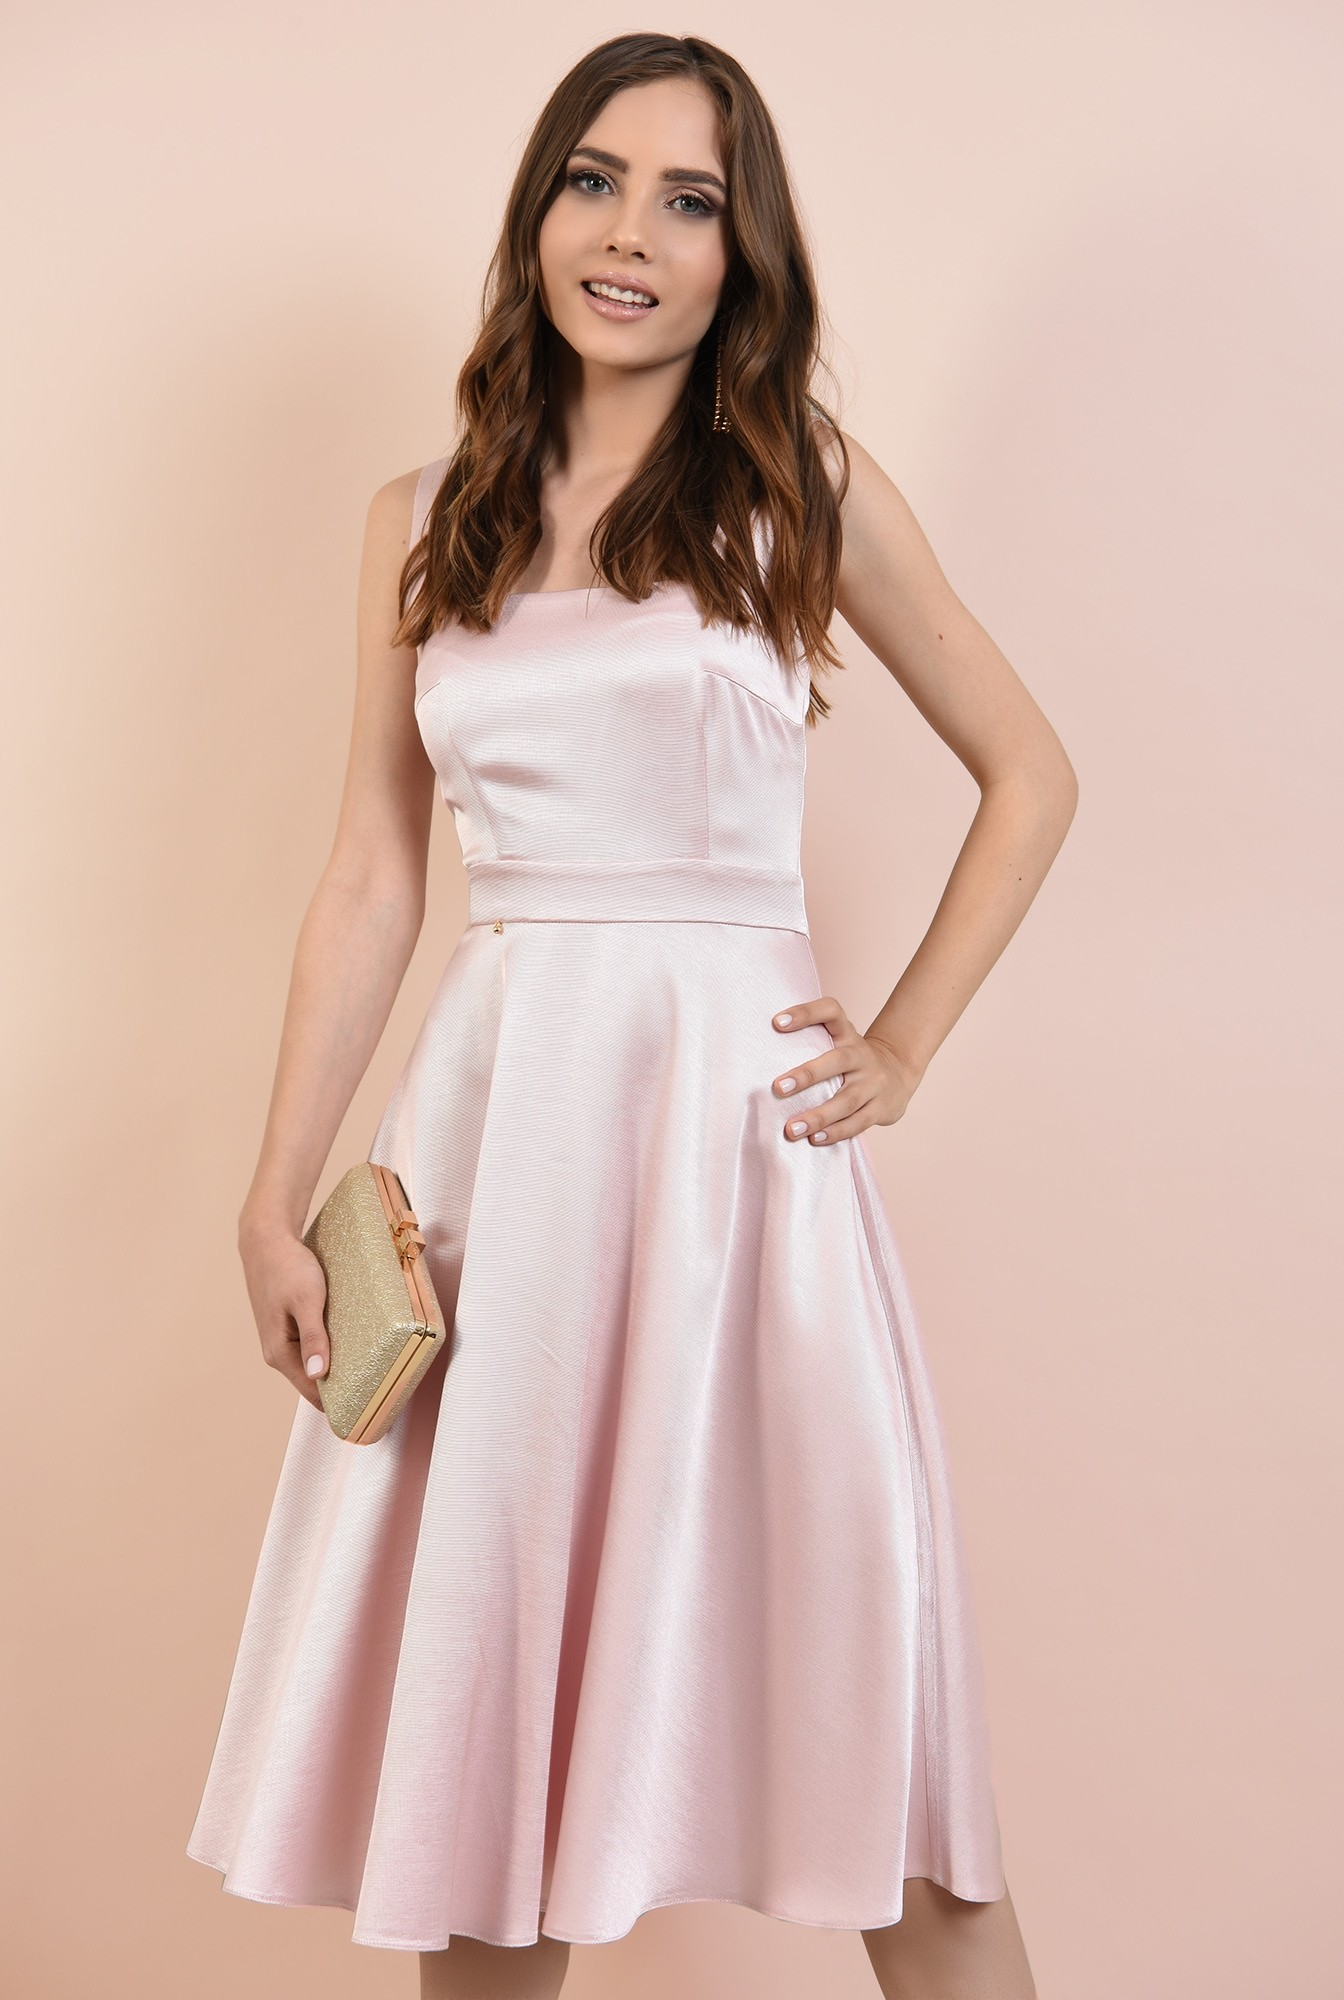 2 - rochie eleganta, cu bretele, croi evazat, inchidere cu fermoar ascuns